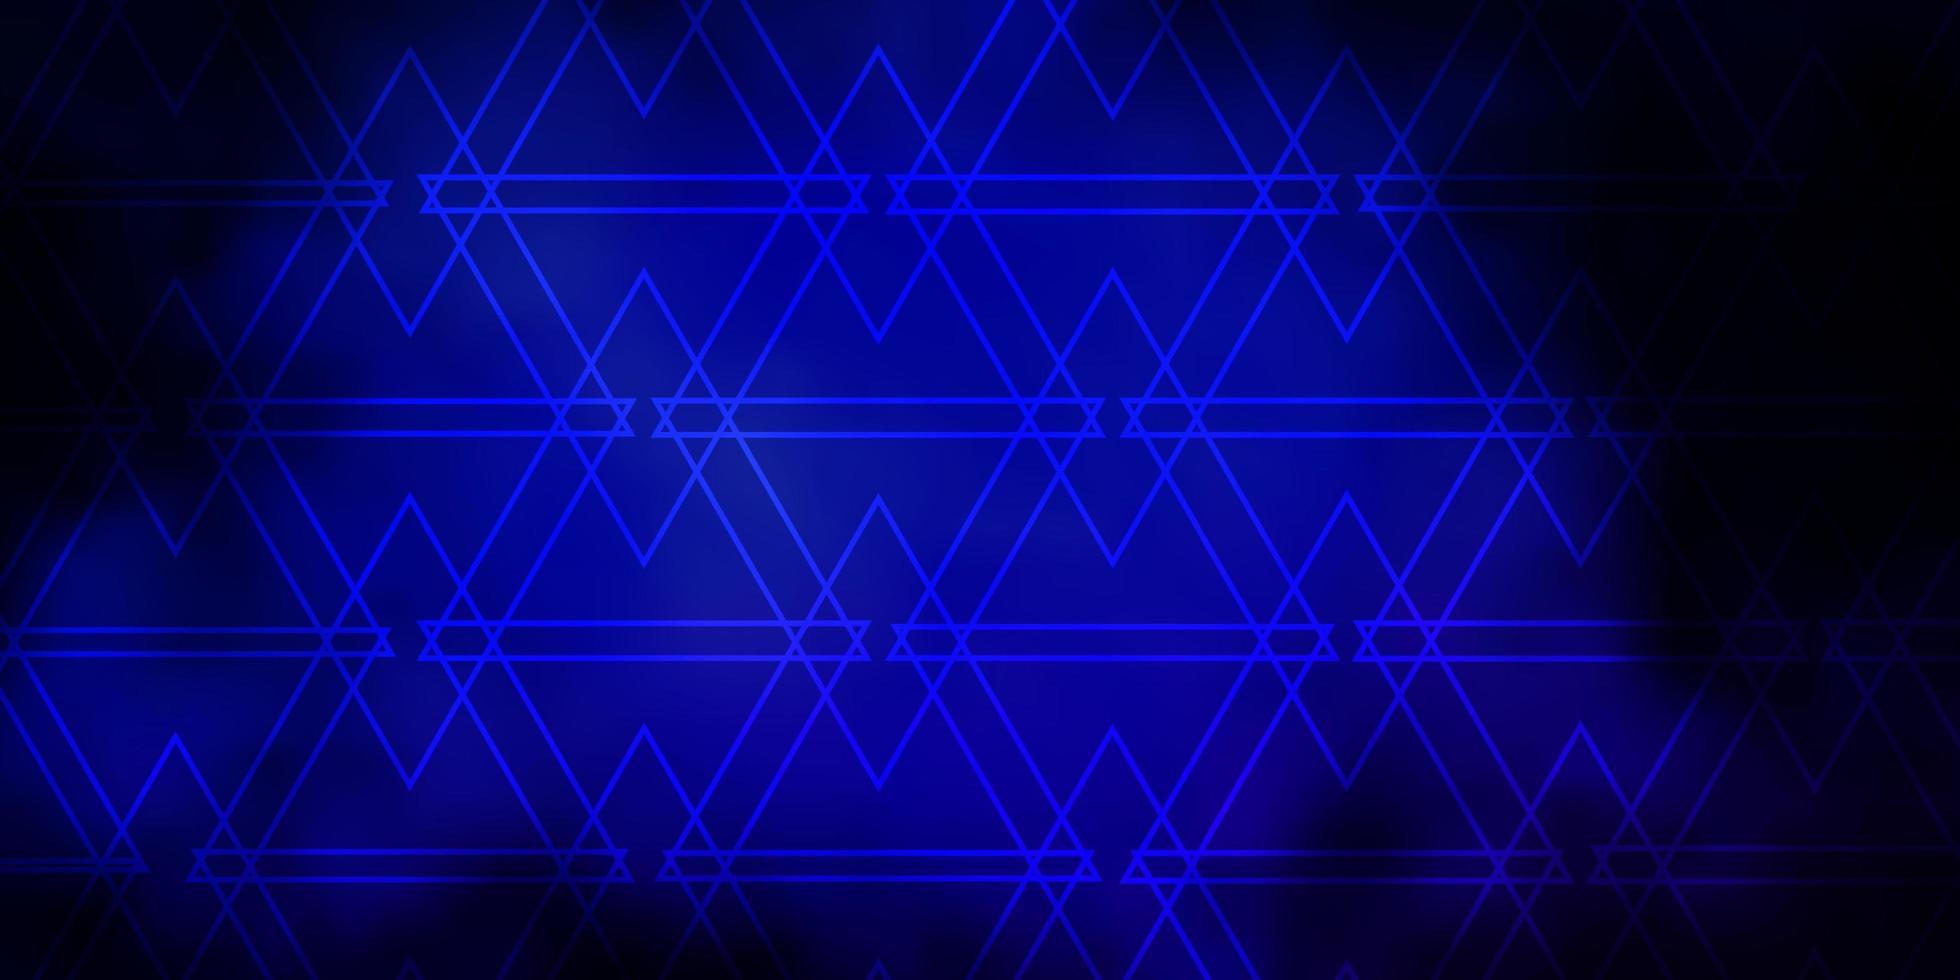 Fondo de vector azul oscuro con líneas, triángulos.